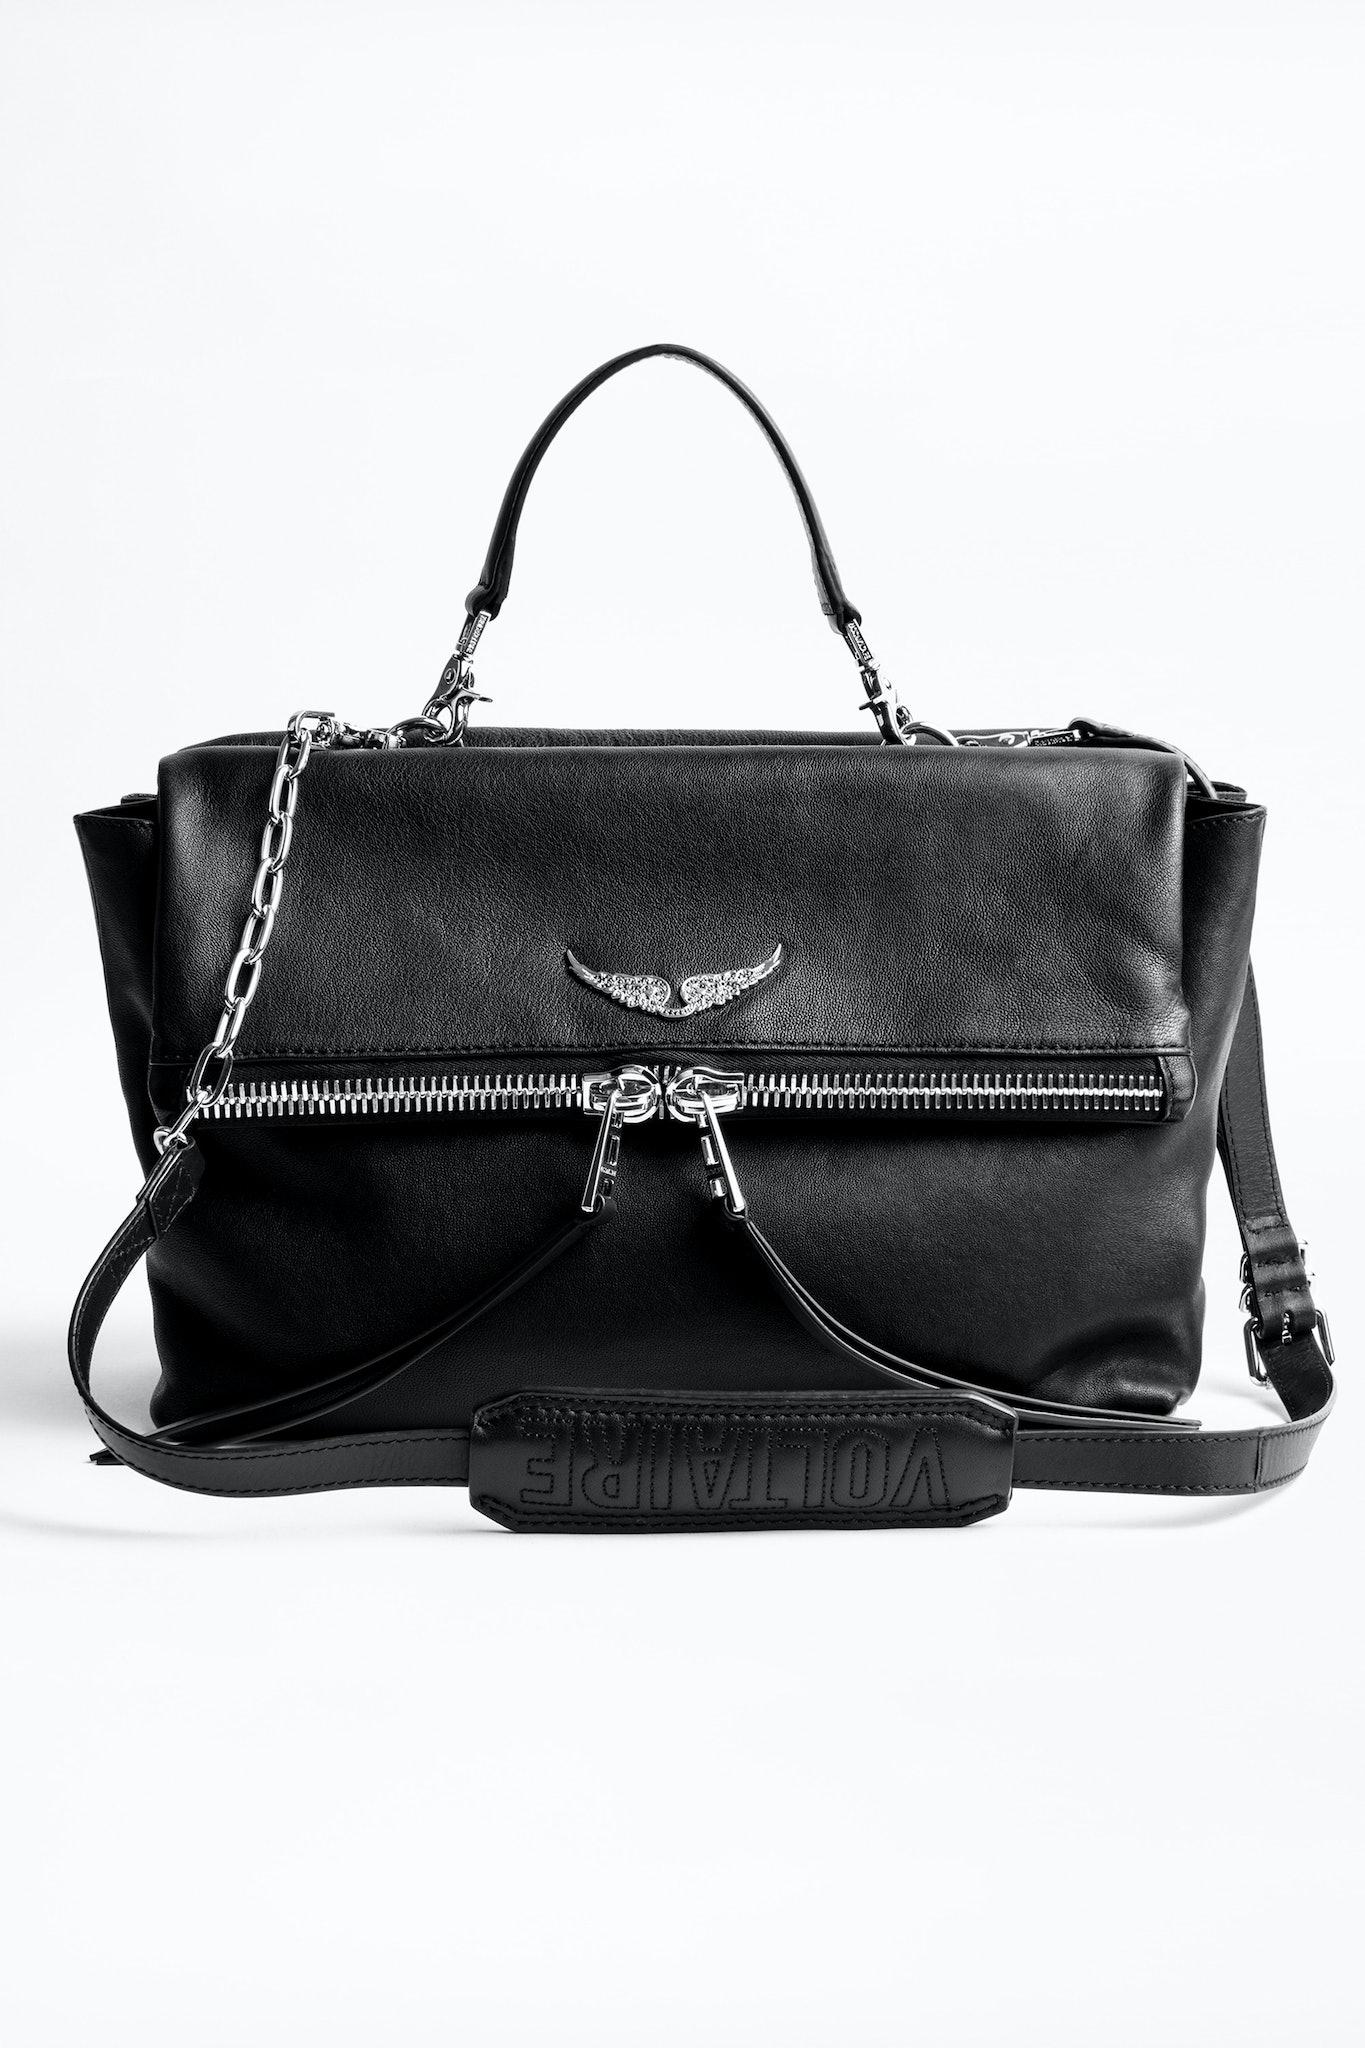 Twin's Zip Bag